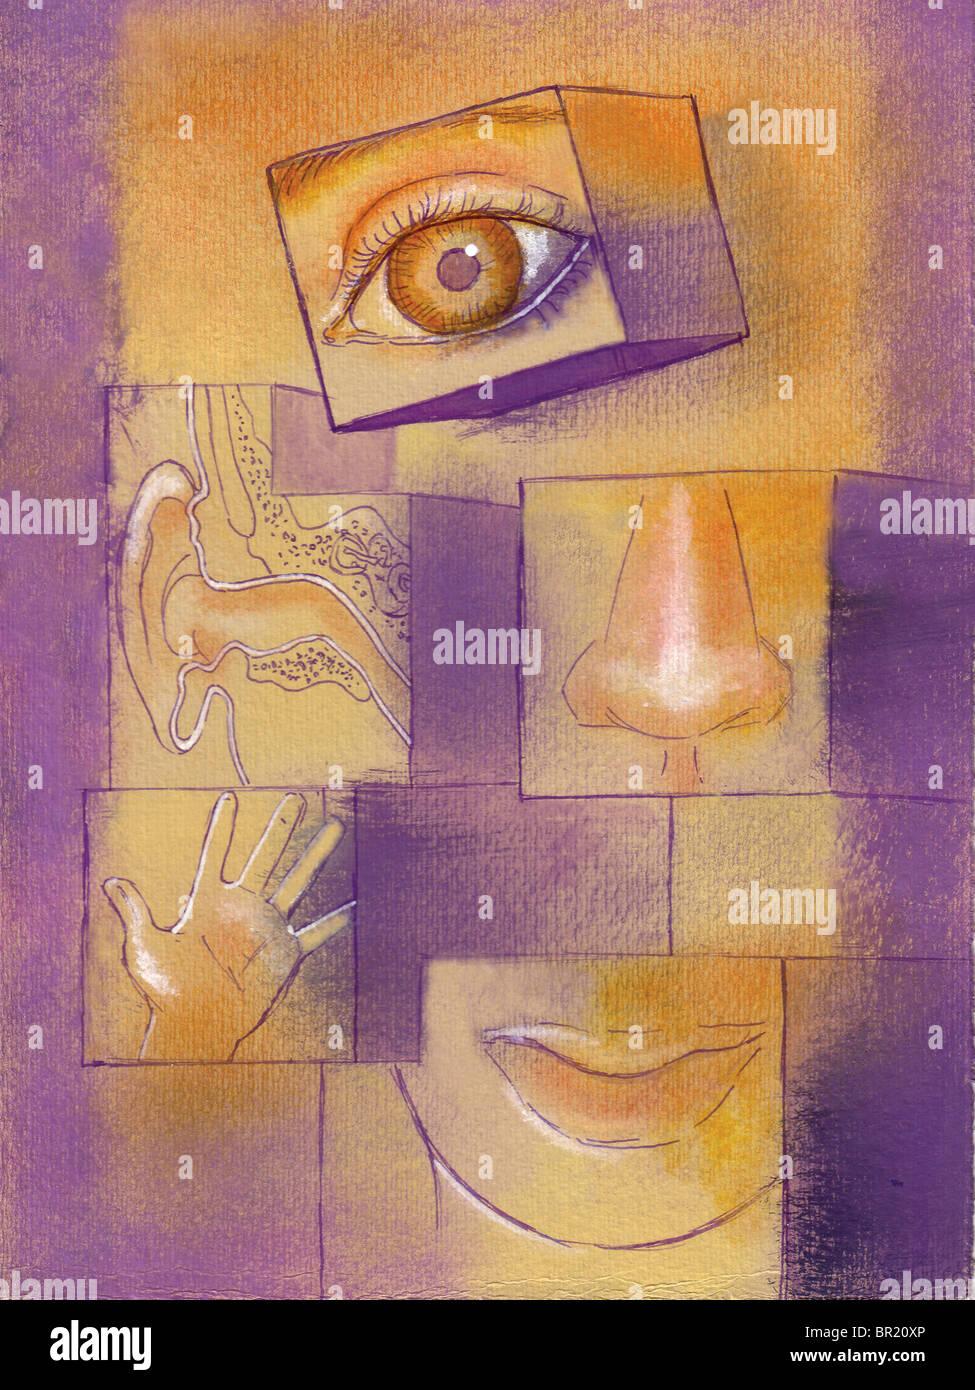 Blocchi con illustrazioni su cinque sensi su di essi Immagini Stock